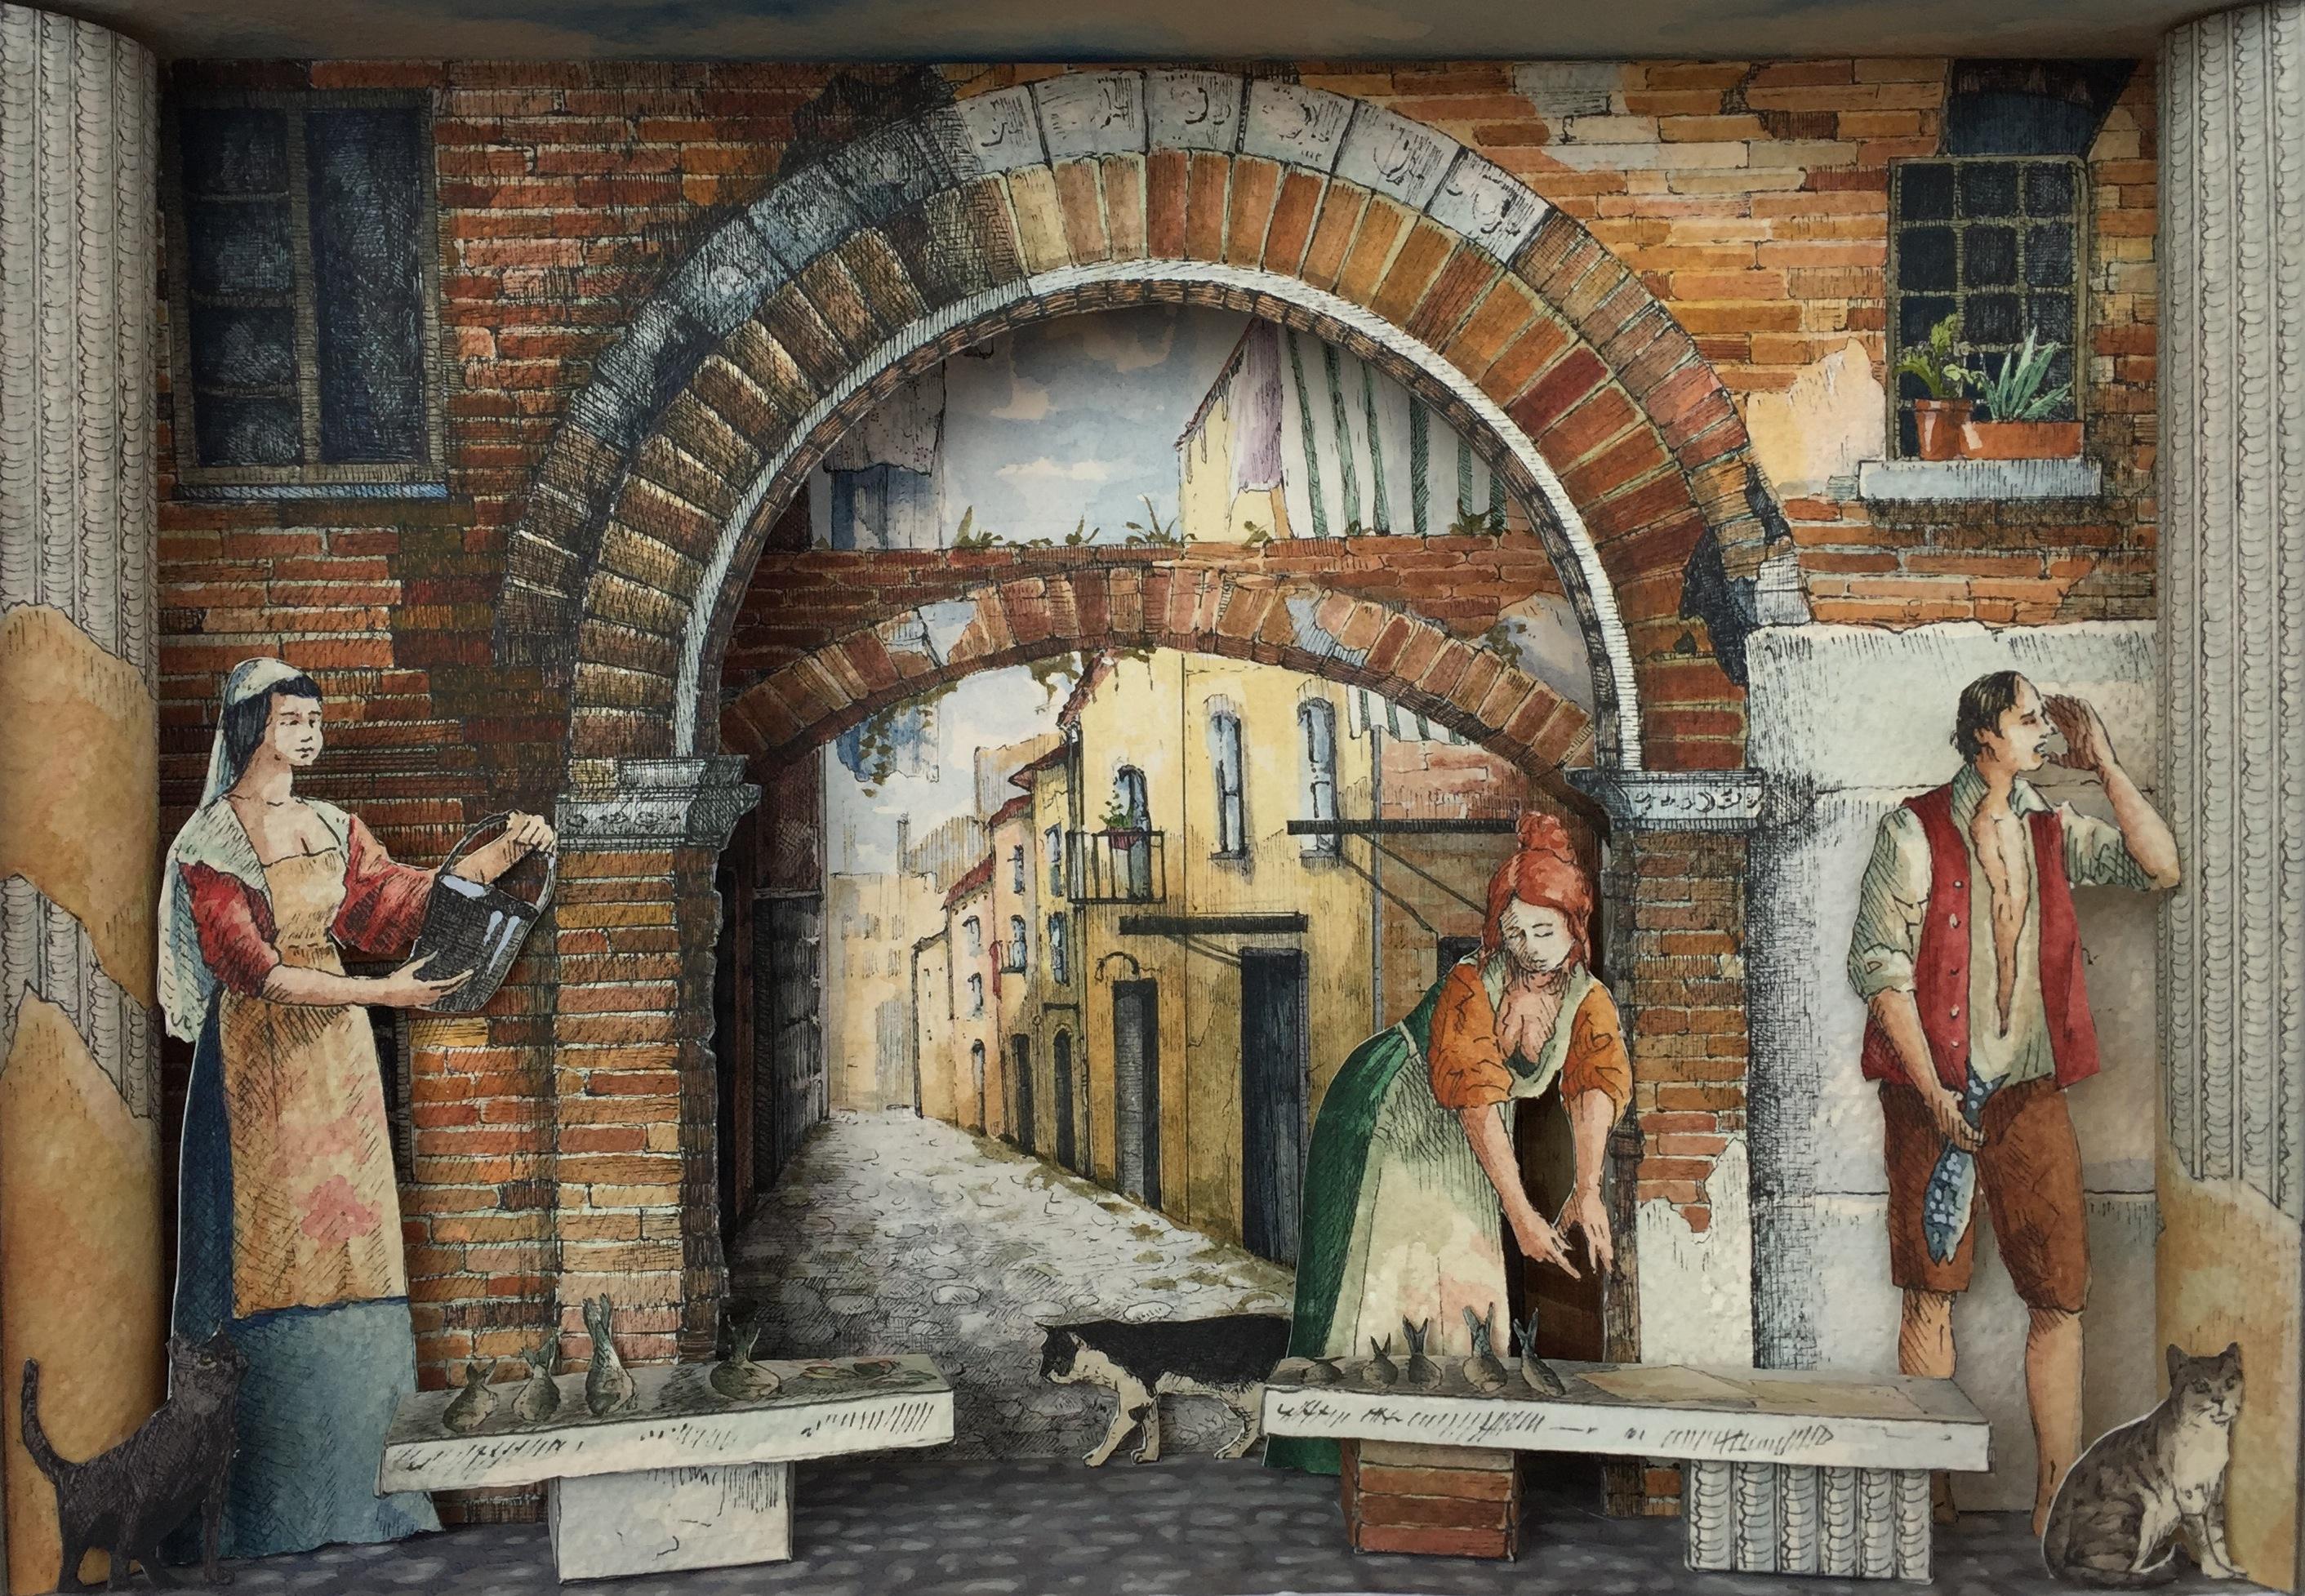 monolocale-57-portico-dottavia-2016-cm-21x30-china-e-acquerelli-su-carta